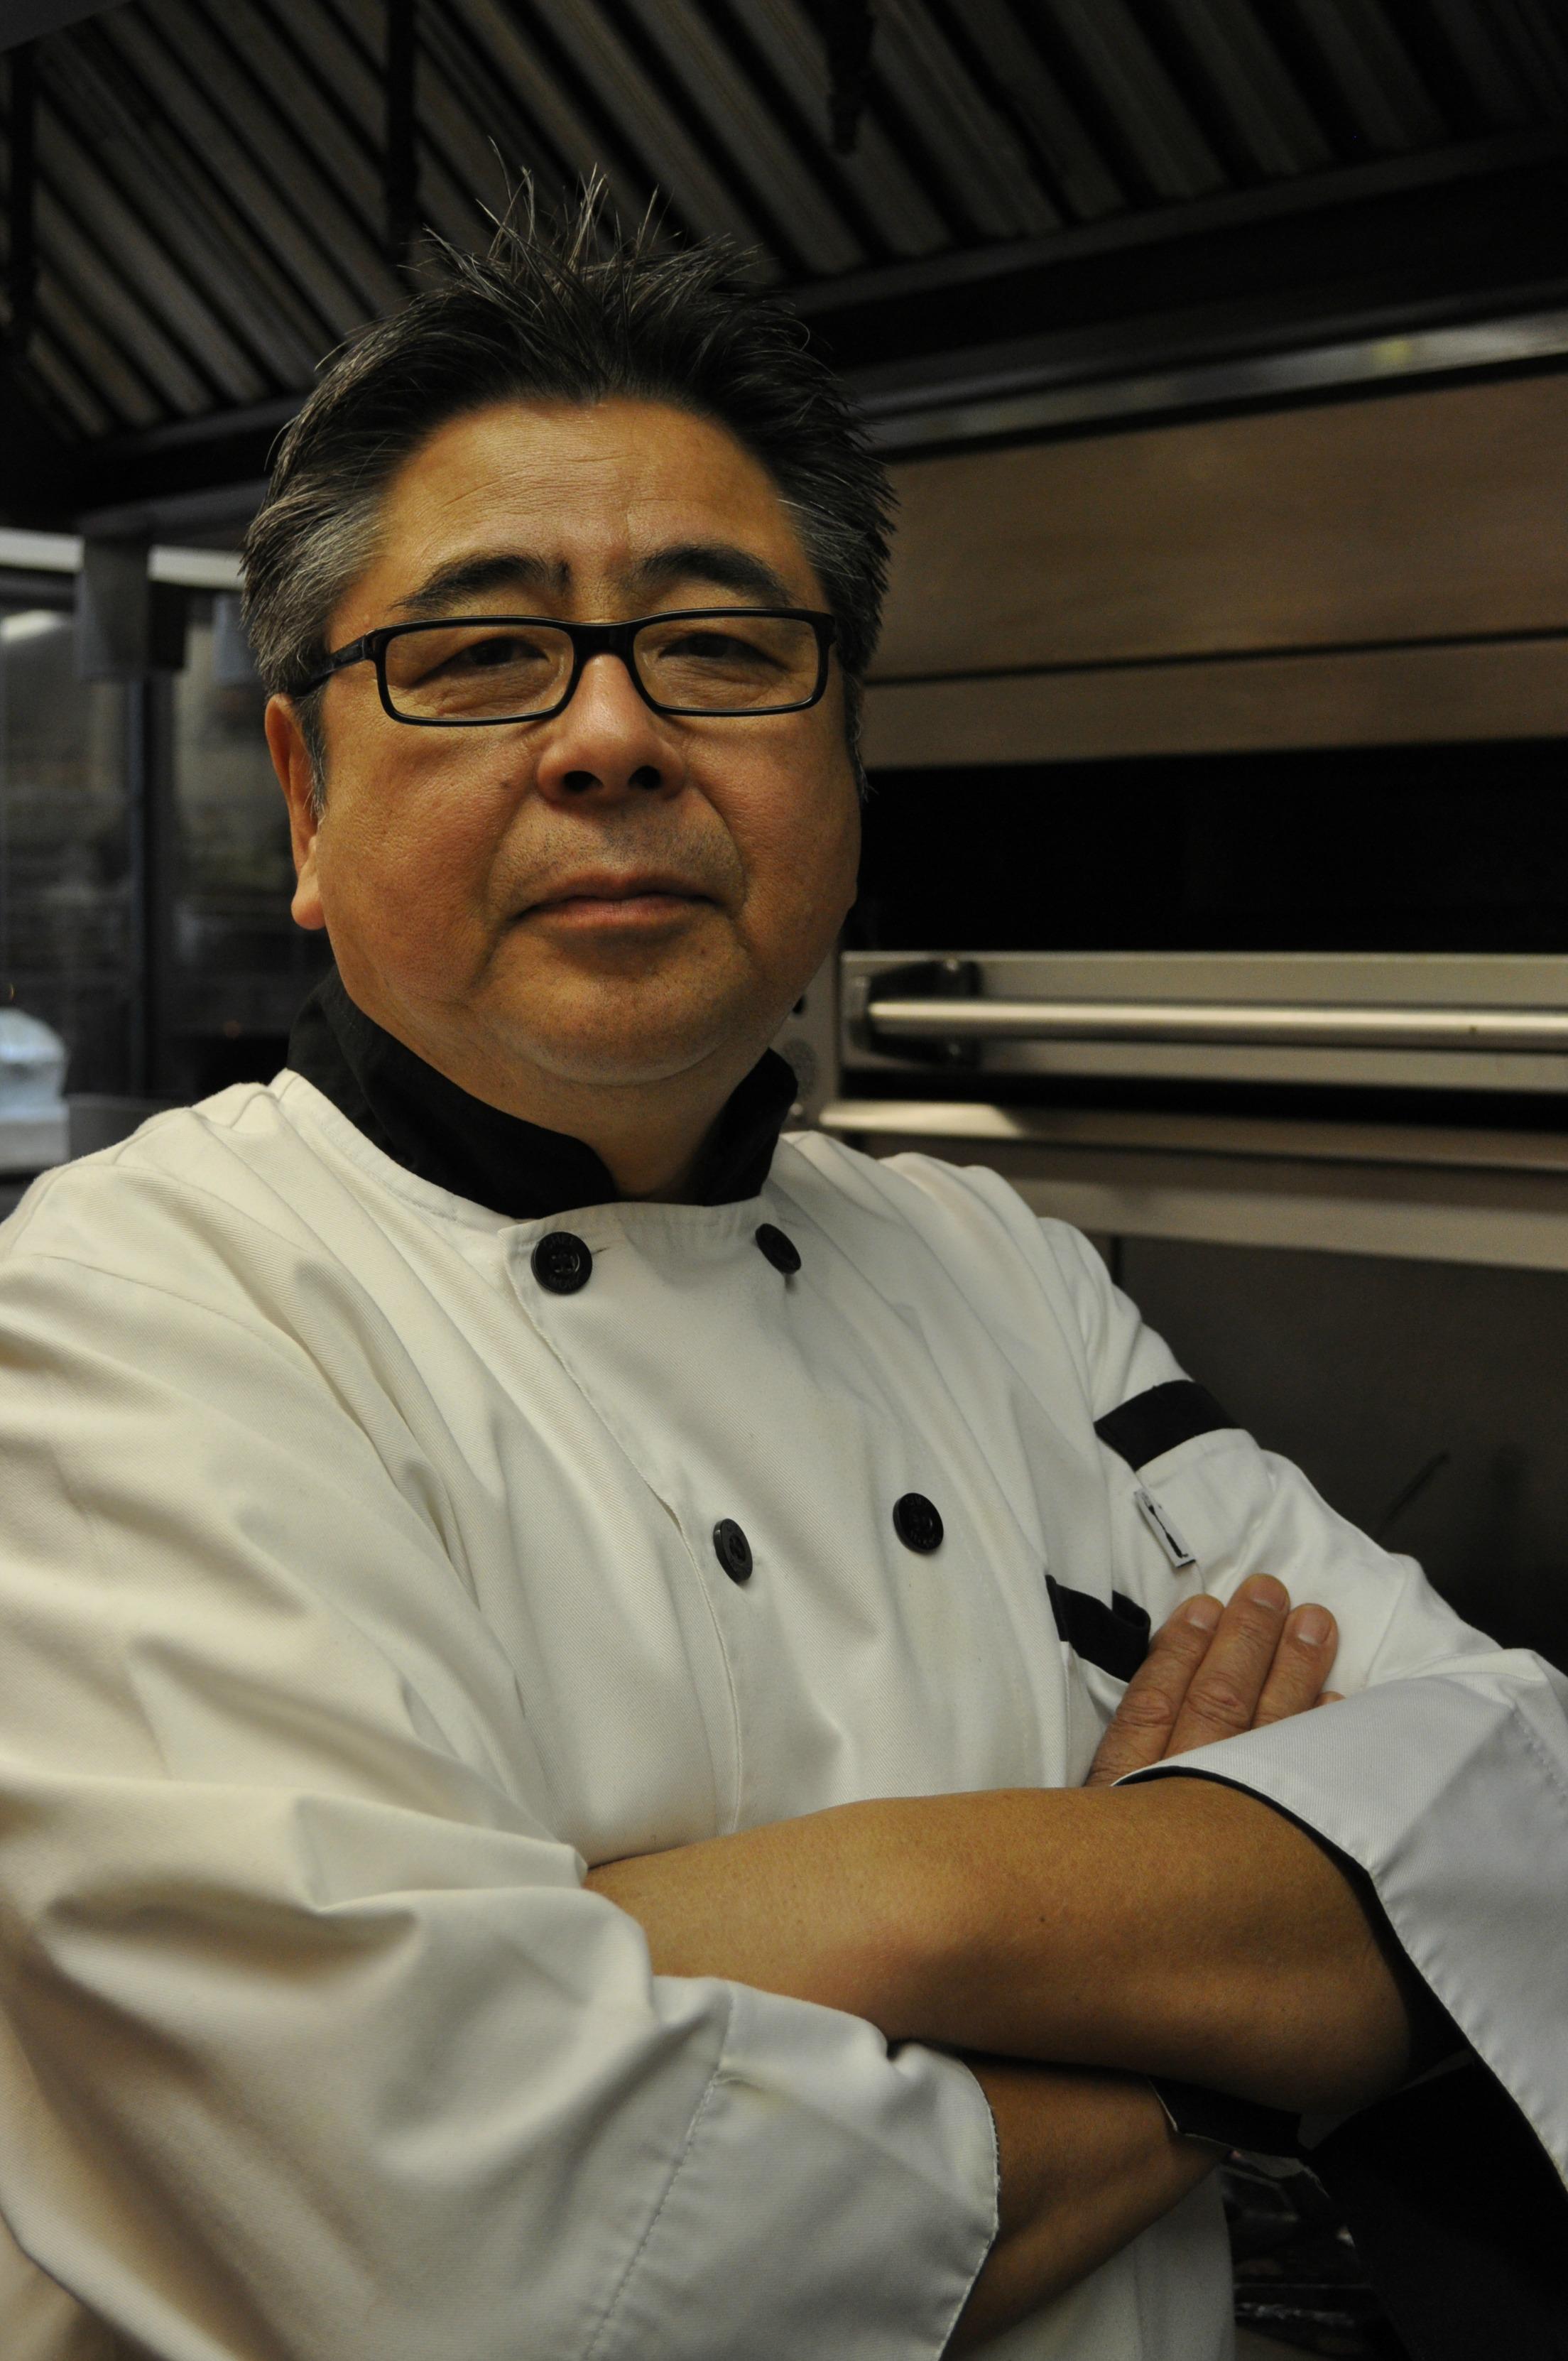 Yoshi Katsumura